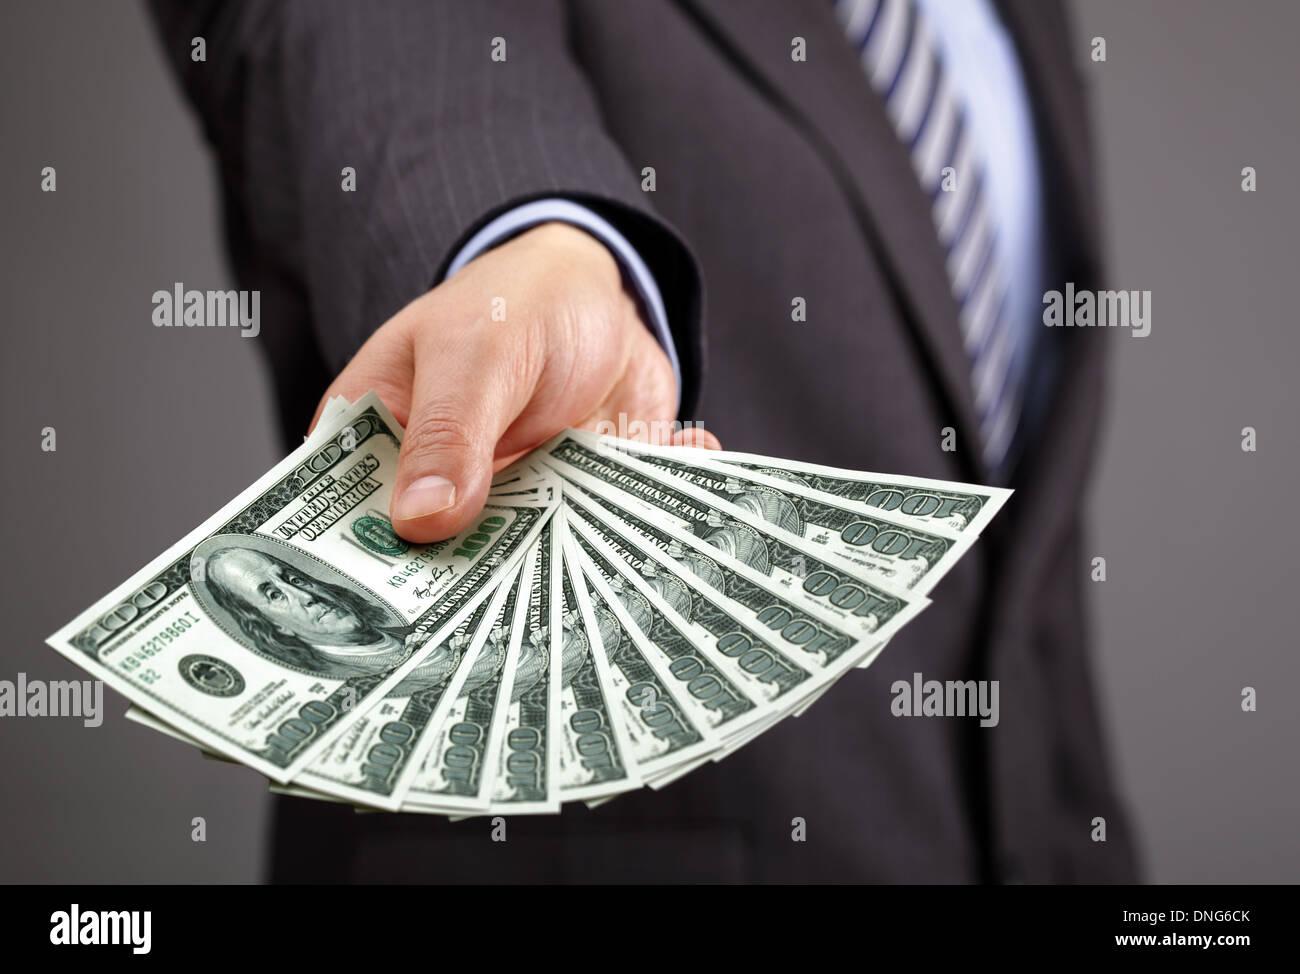 Holding one hundred dollar bills - Stock Image